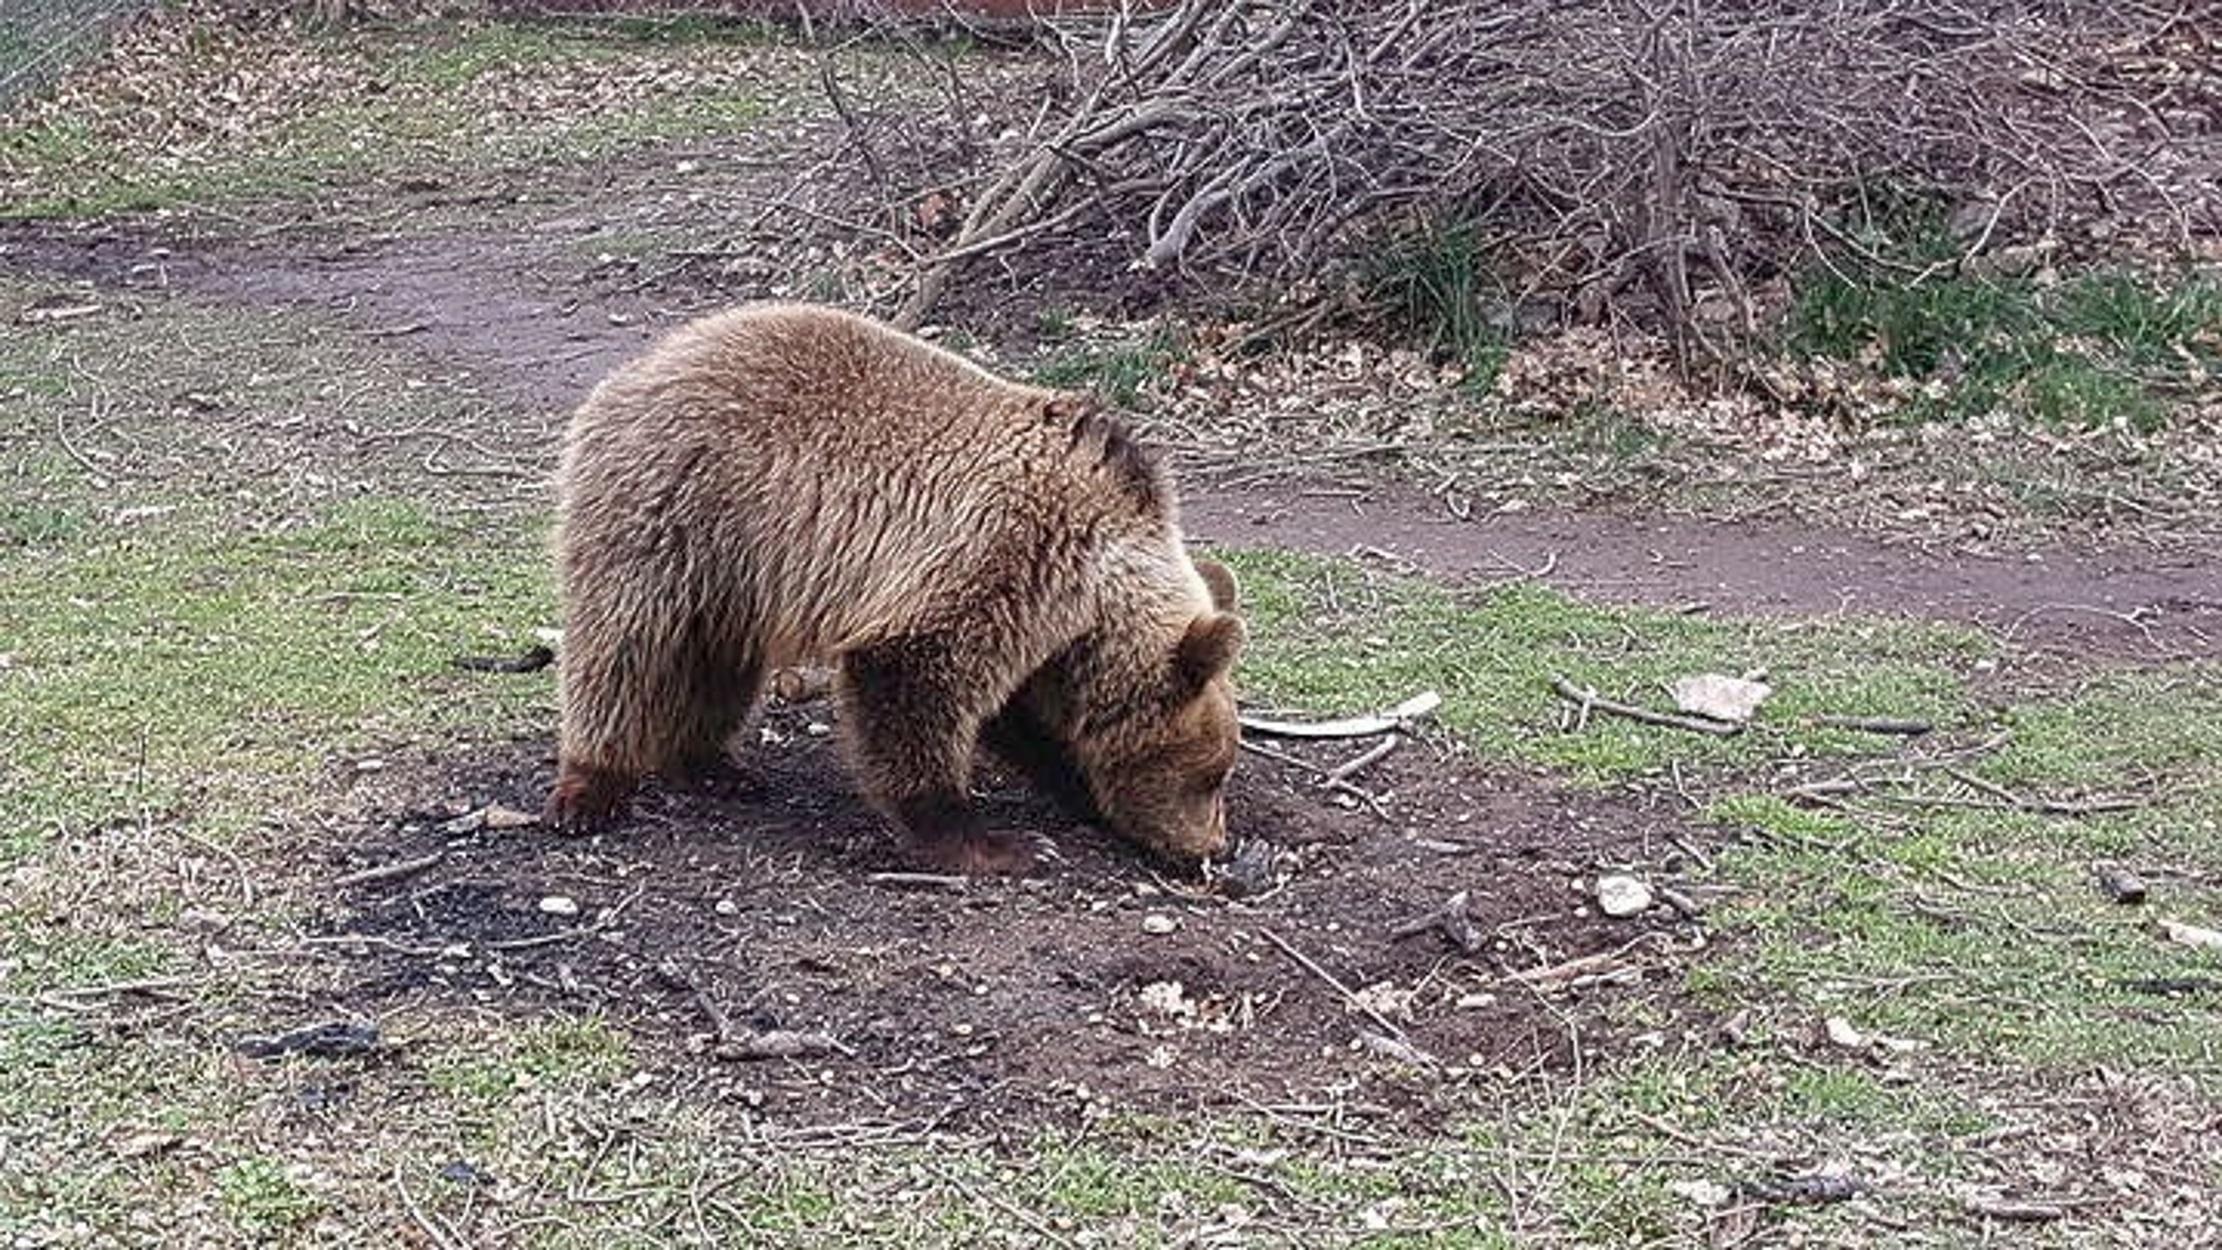 Μαγνησία: Επιδρομές από αρκούδες που τρώνε το μέλι των παραγωγών και αφήνουν πίσω τους ζημιές